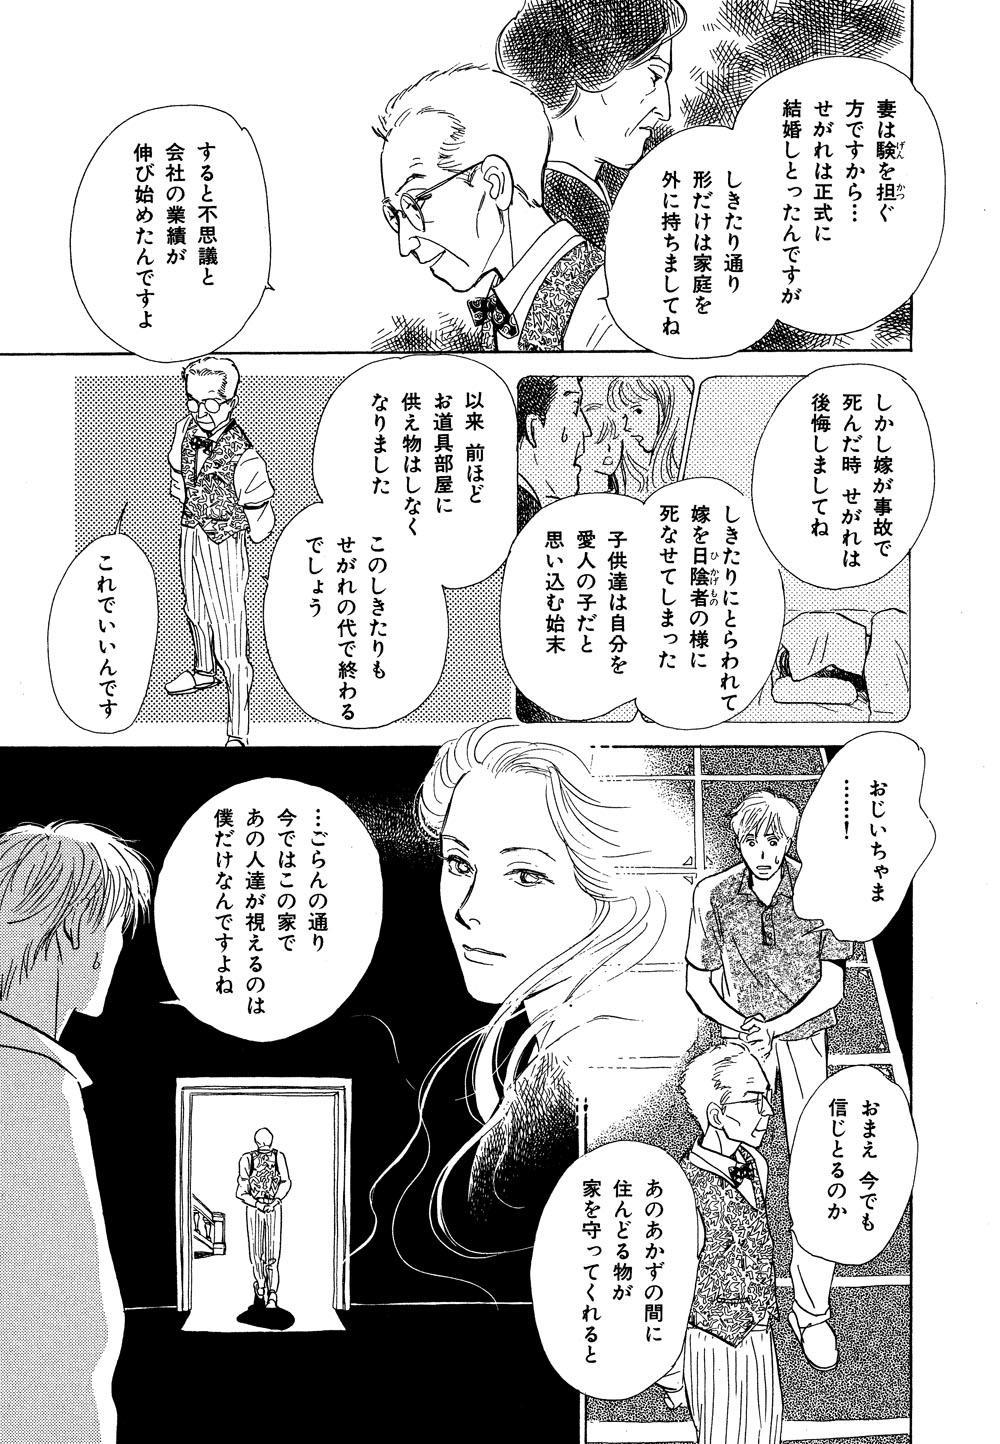 百鬼夜行抄_03_0097.jpg